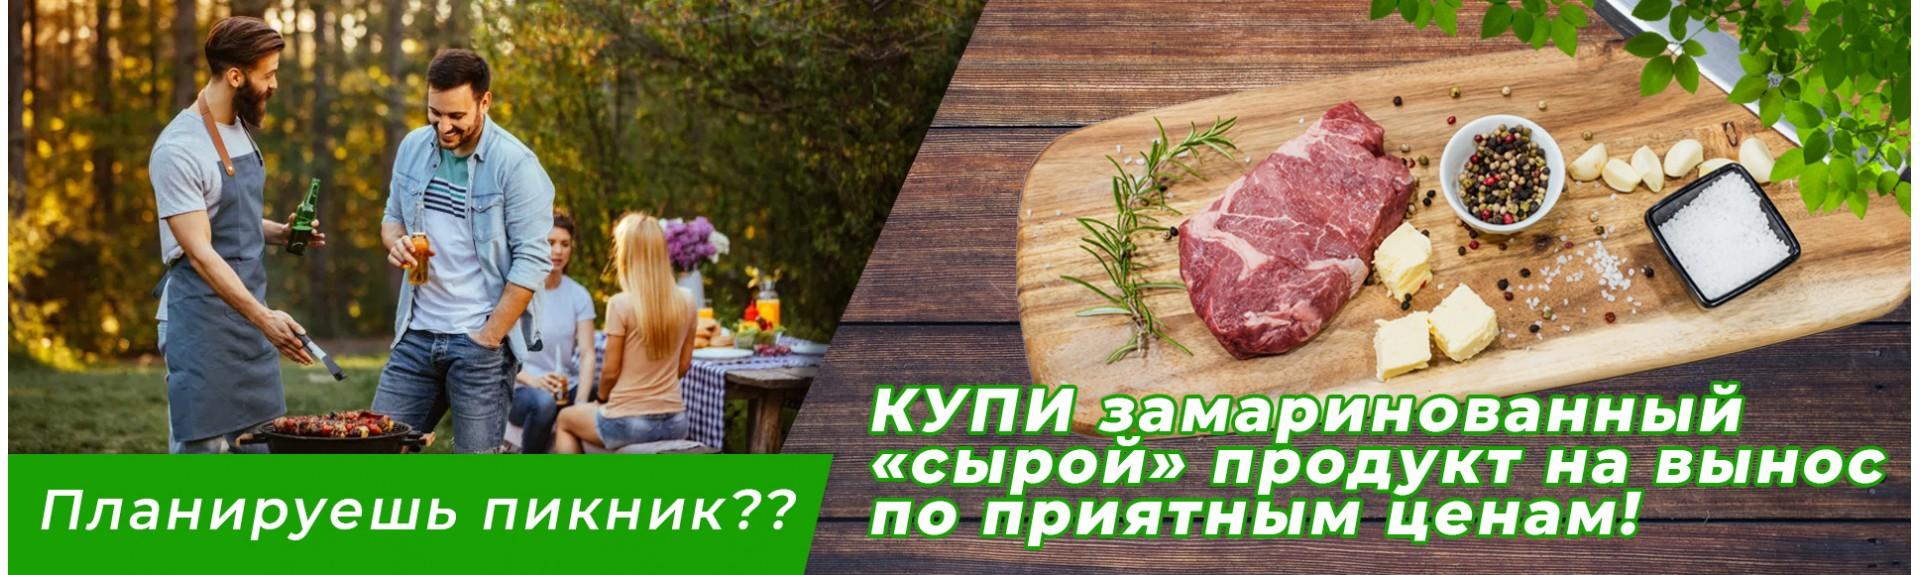 Специальные цены на сырой продукт